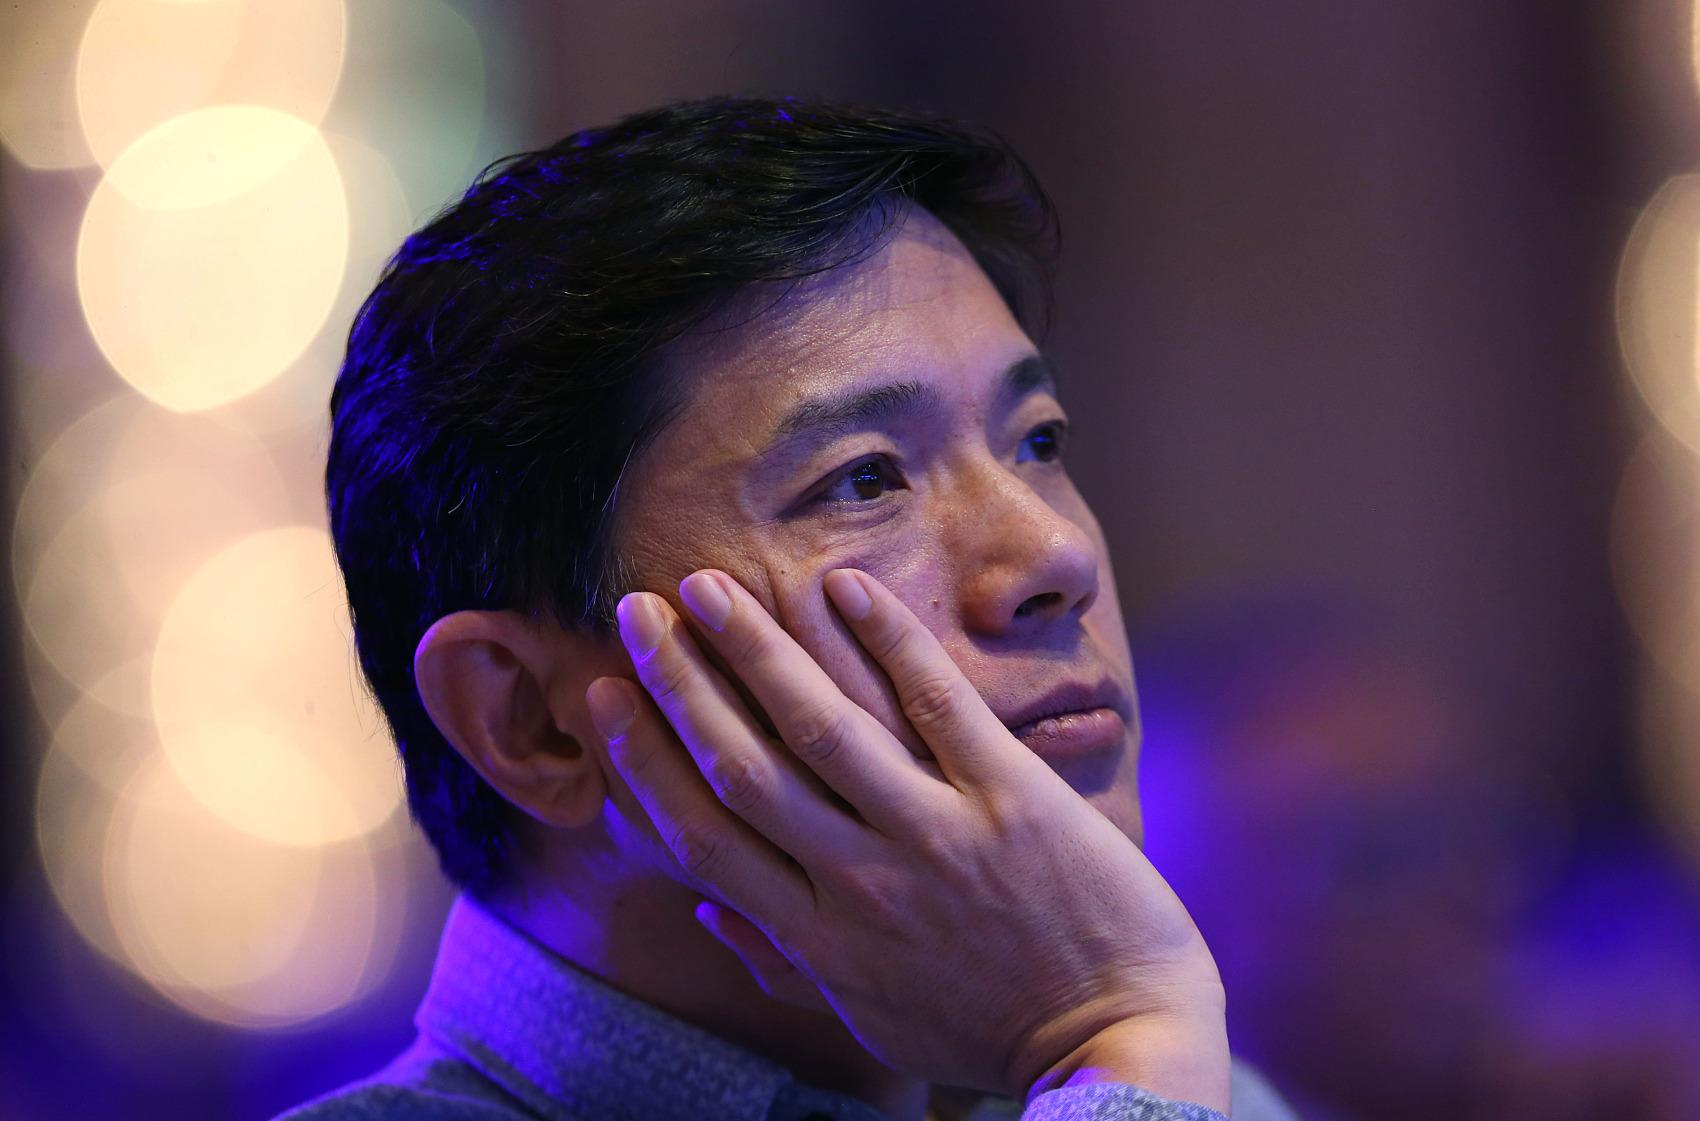 未成年网民达1.75亿!百度董事长李彦宏呼吁开设网络安全教育课程